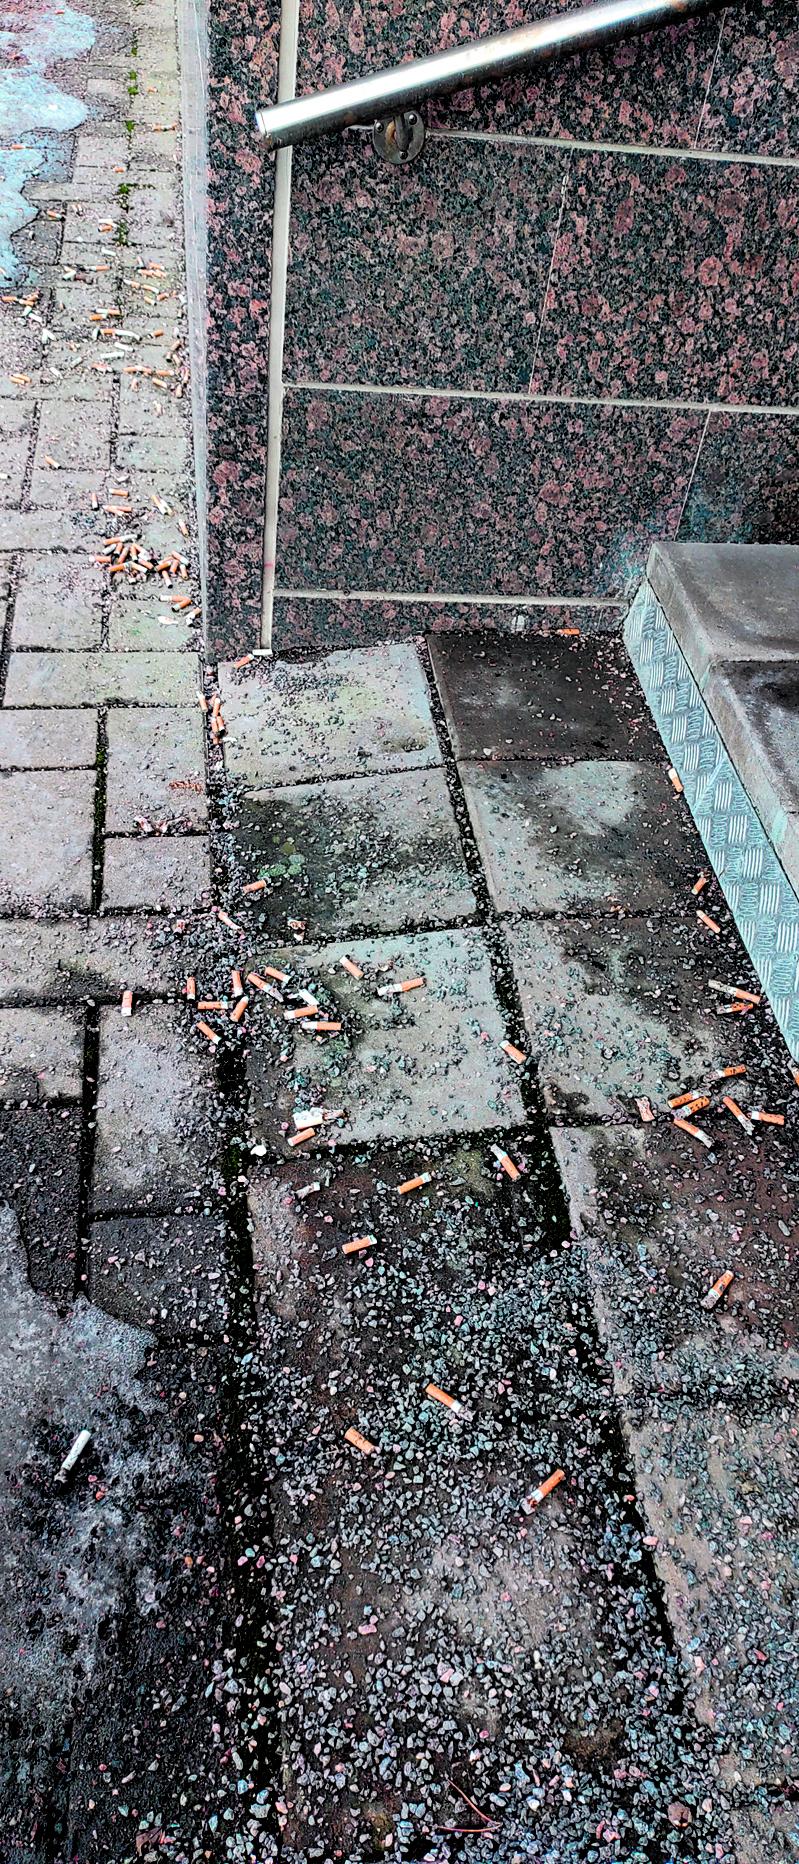 Vuosaaressa on monessa paikkaa törkyä ja koirien jätöksiä ympäriinsä. Esimerkkinä tämä kuva Aurinkolahdesta erään rapun edestä. Ei varmaan olisi paha rasti viedä jämiä roskiin, kun on kaupasta askinkin jaksanut kotiin kantaa.             Terveisin, Veke